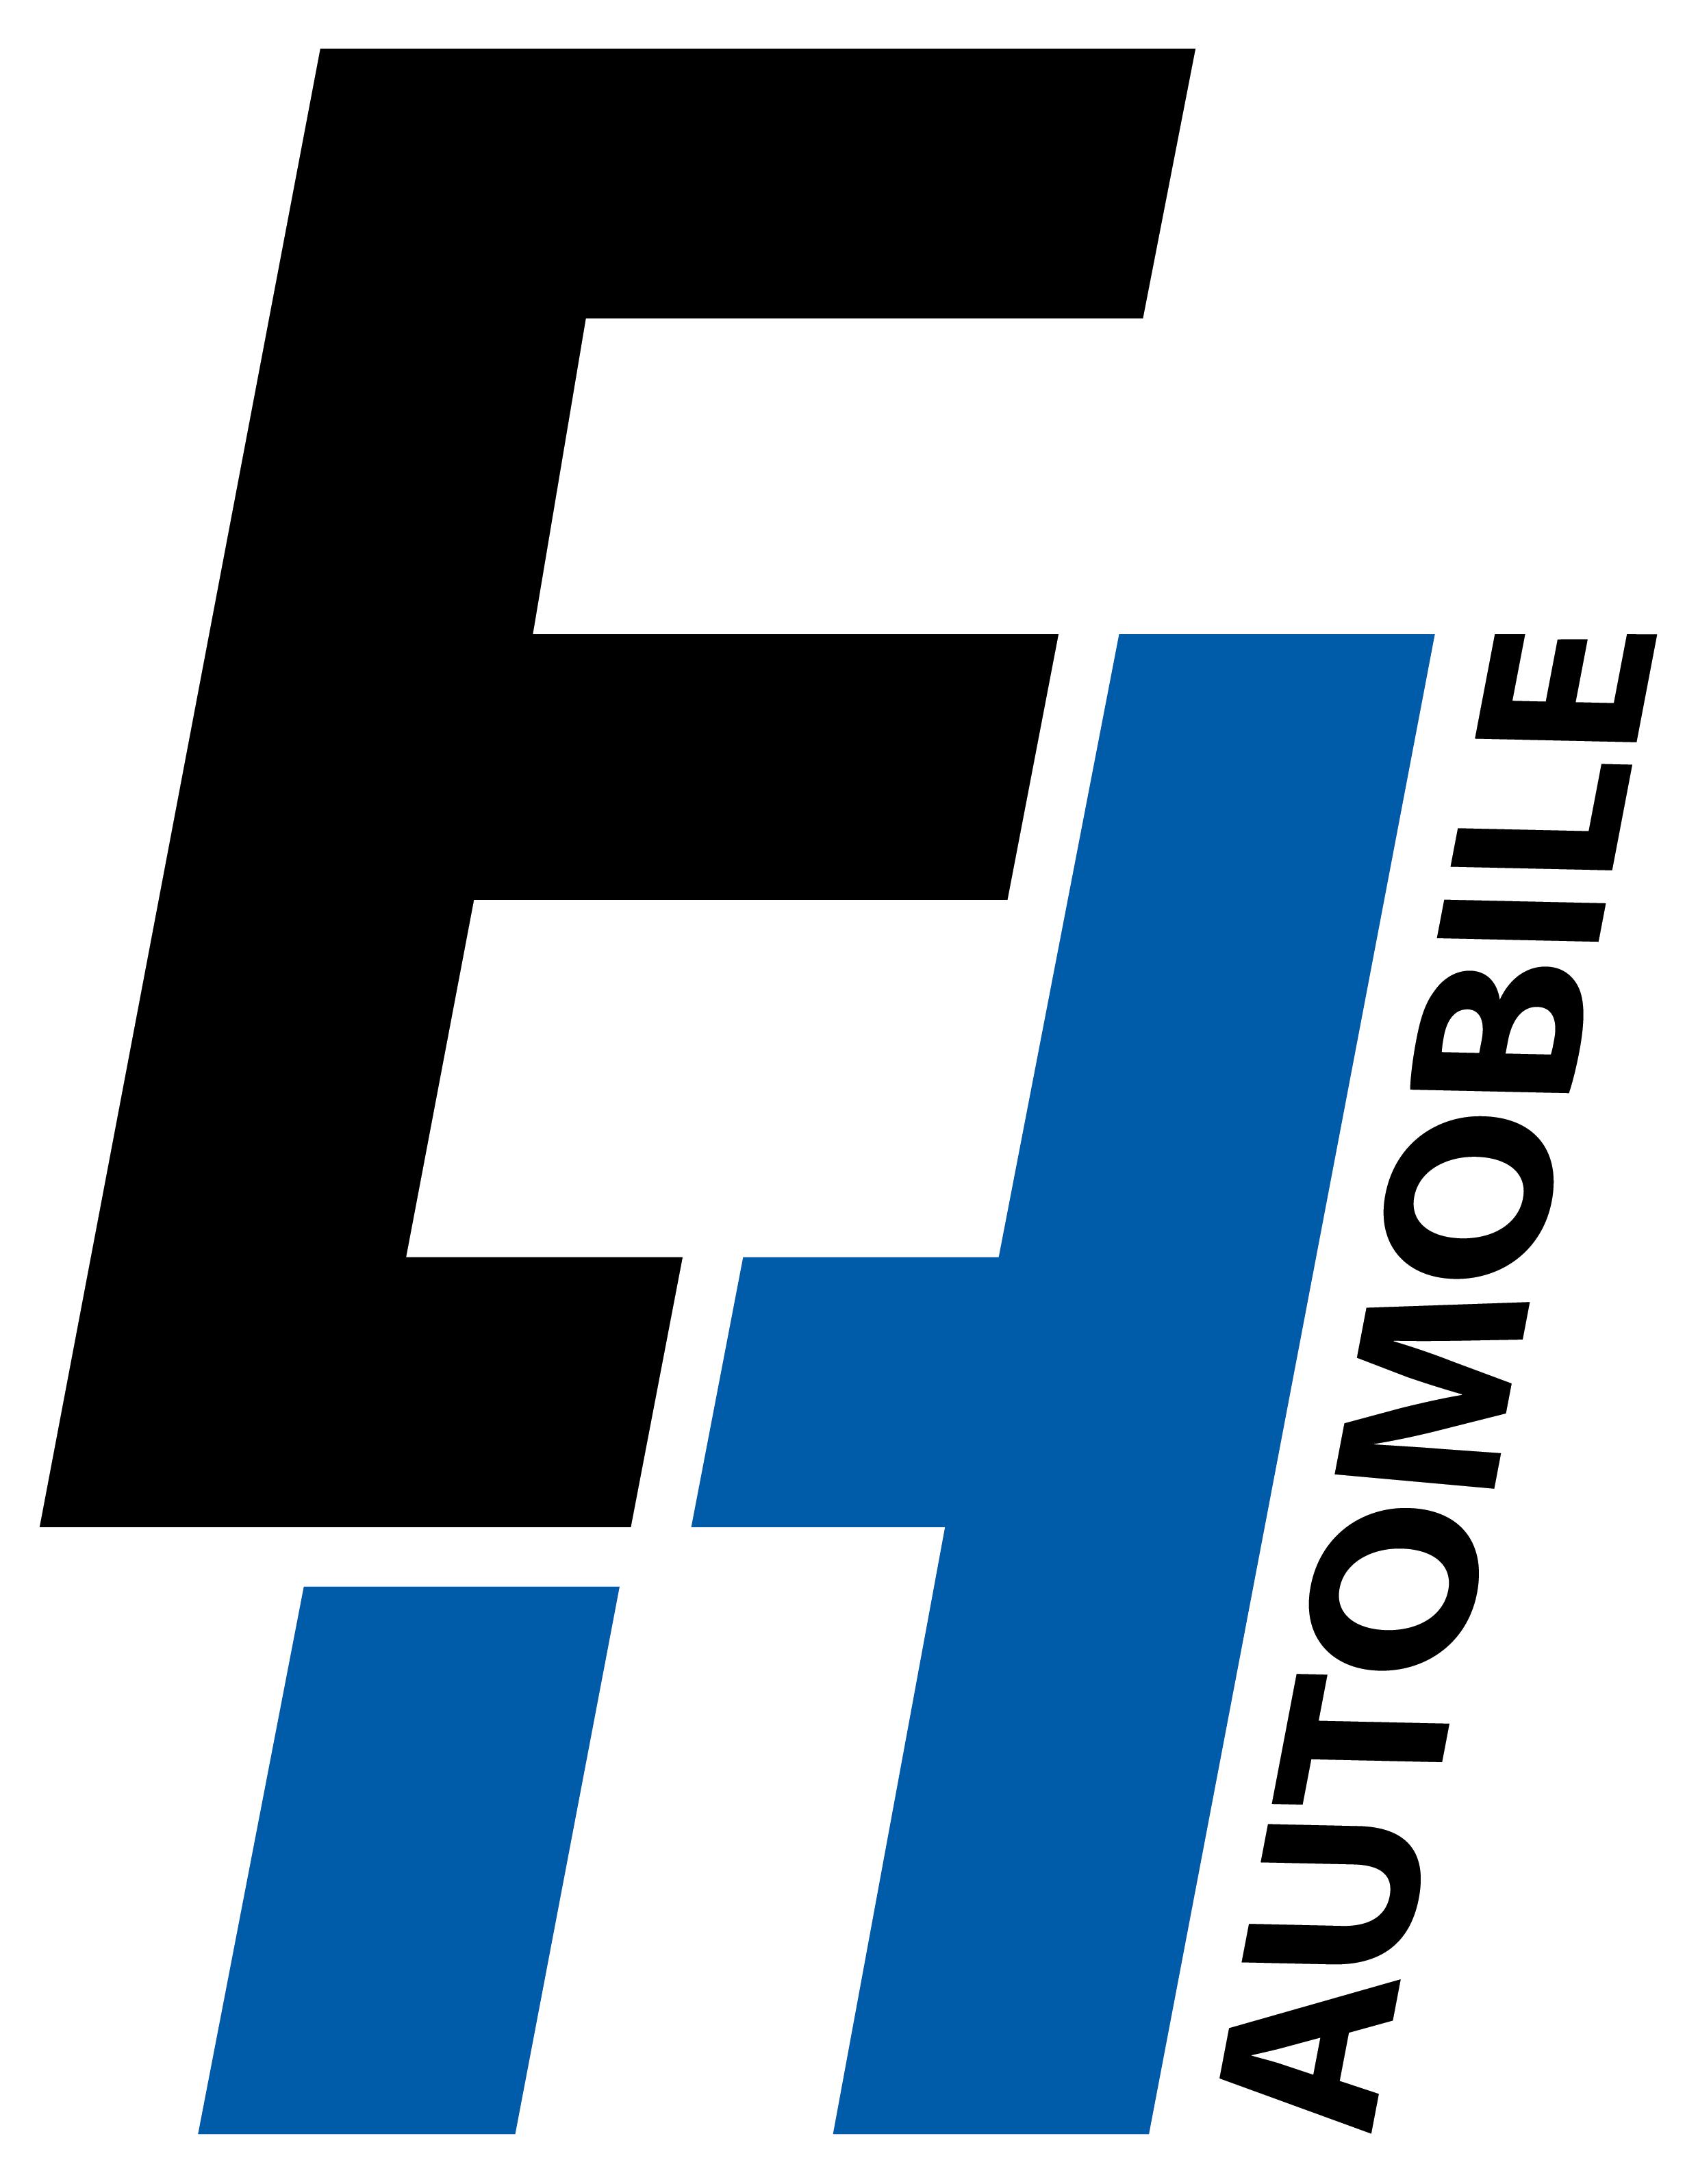 eh_logo_final